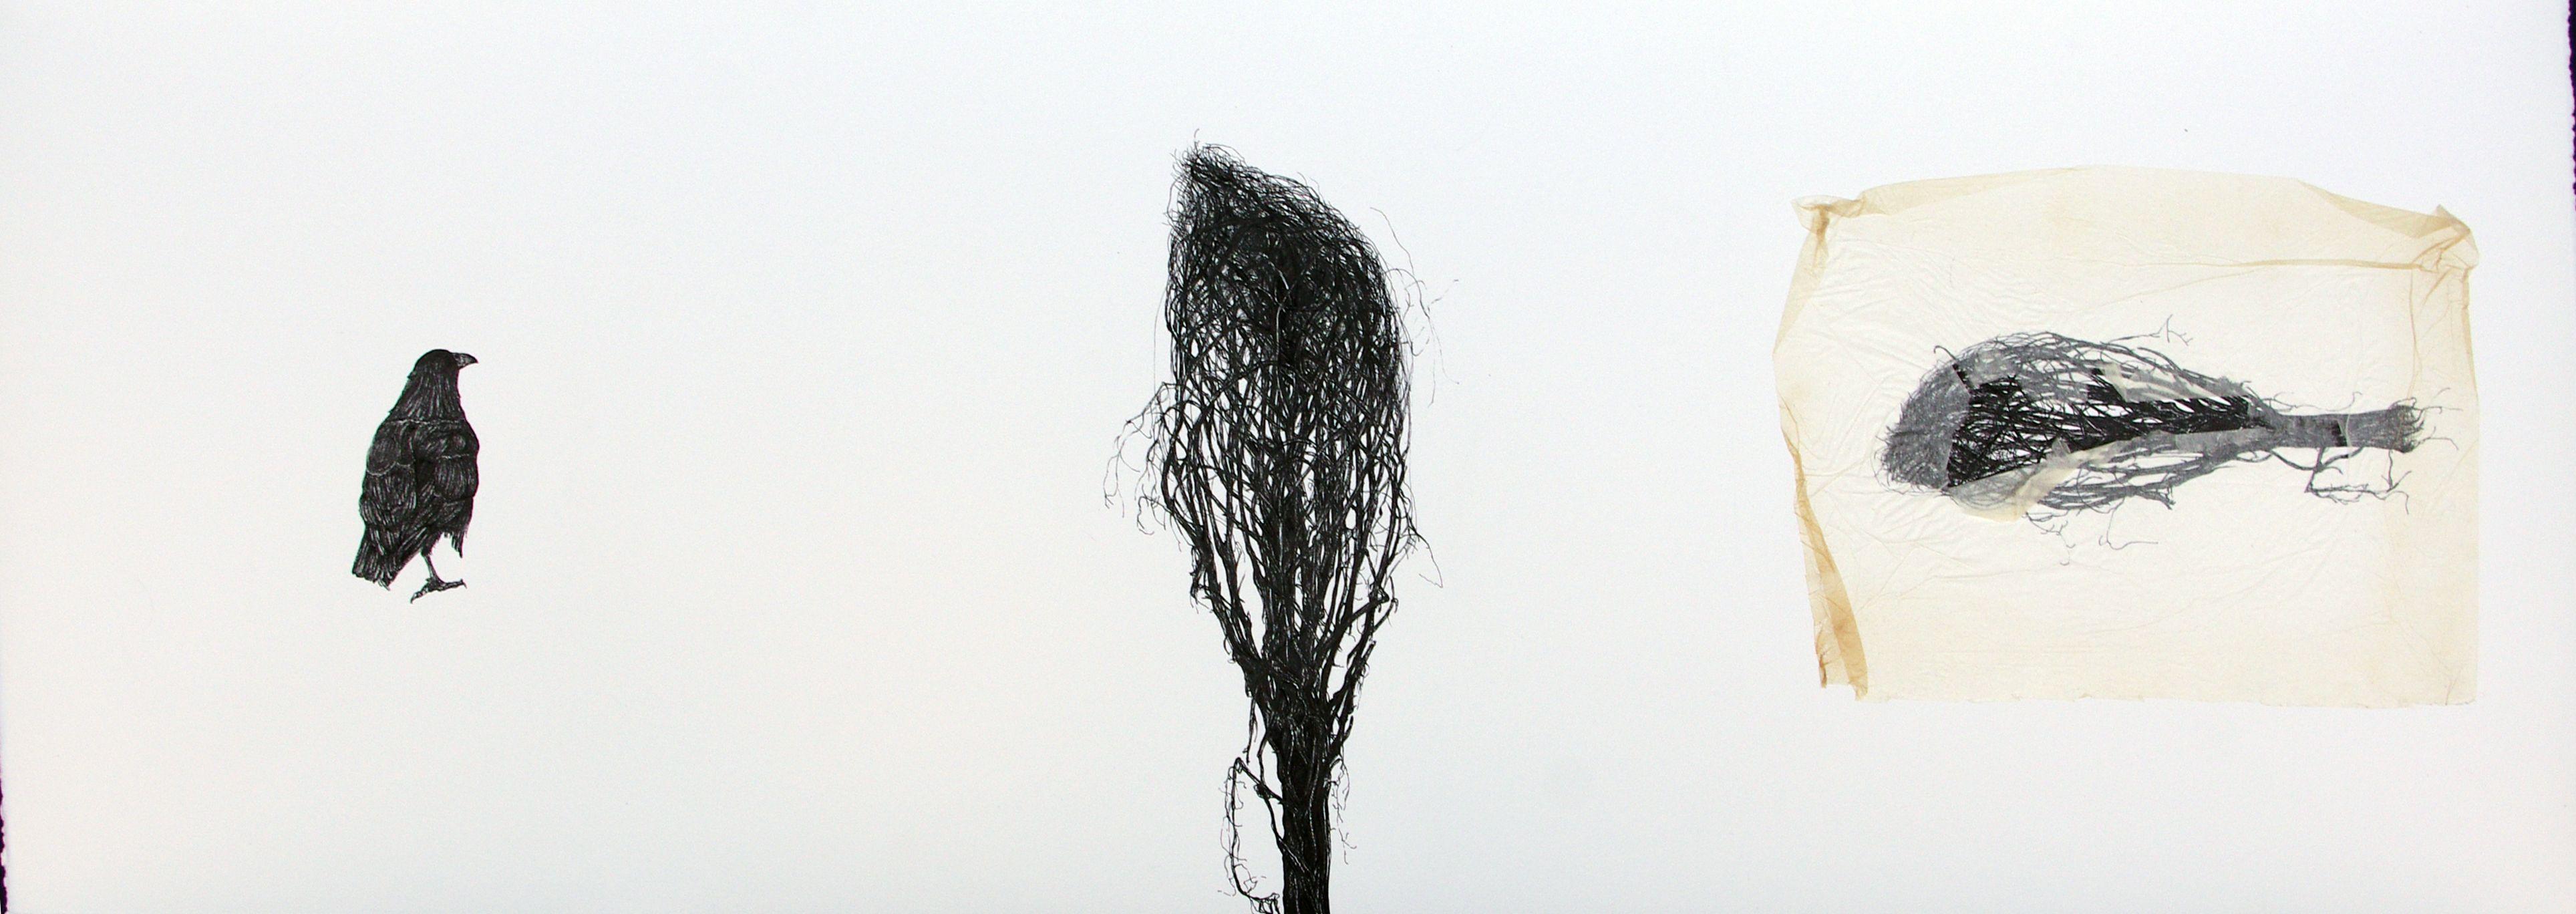 #Inés #González TÍTULO: El deseo • TÉCNICA: Tinta china sobre papel • TAMAÑO PAPEL/PLANCHA (cms):108x38/108x38 • EDICIÓN: Pieza única • http://www.a-cuadros.com/artistas/artista/208